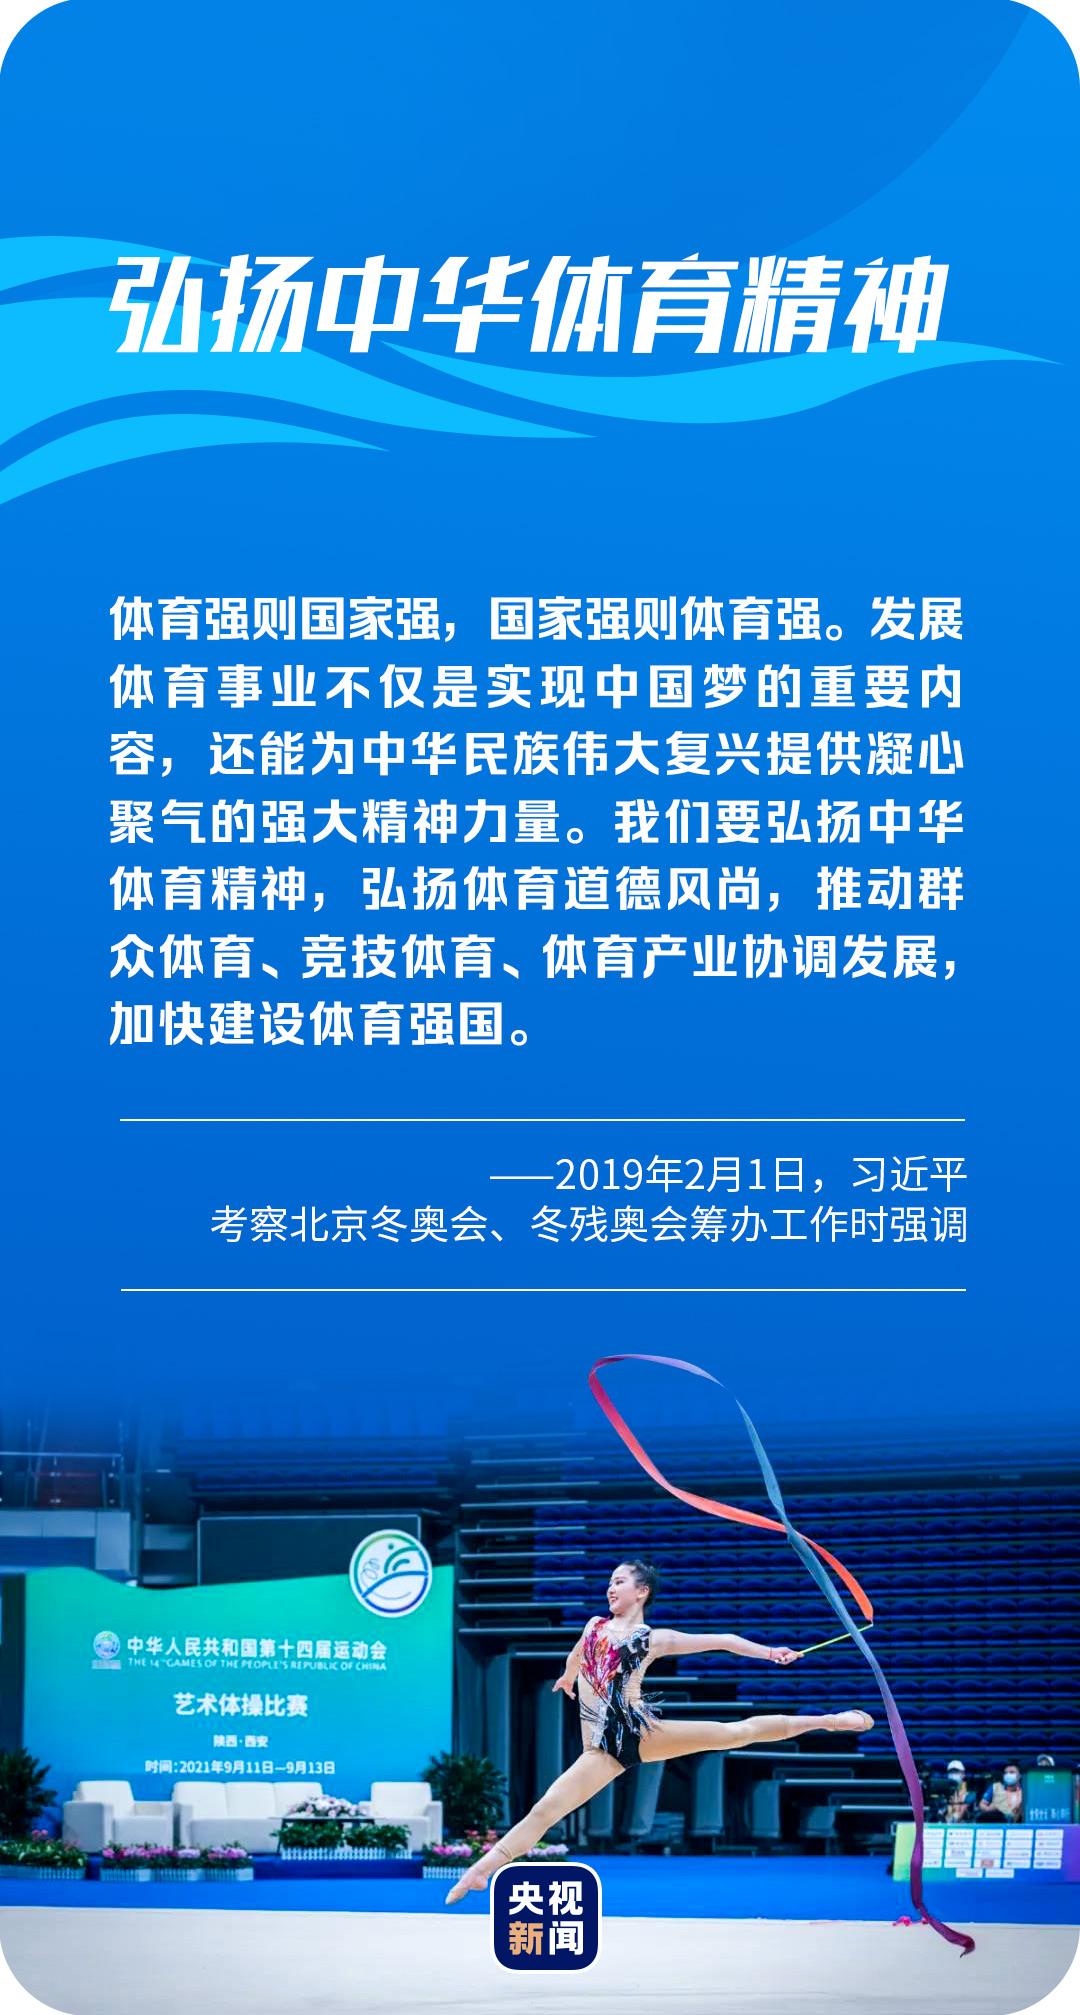 披荆斩棘 中国力量